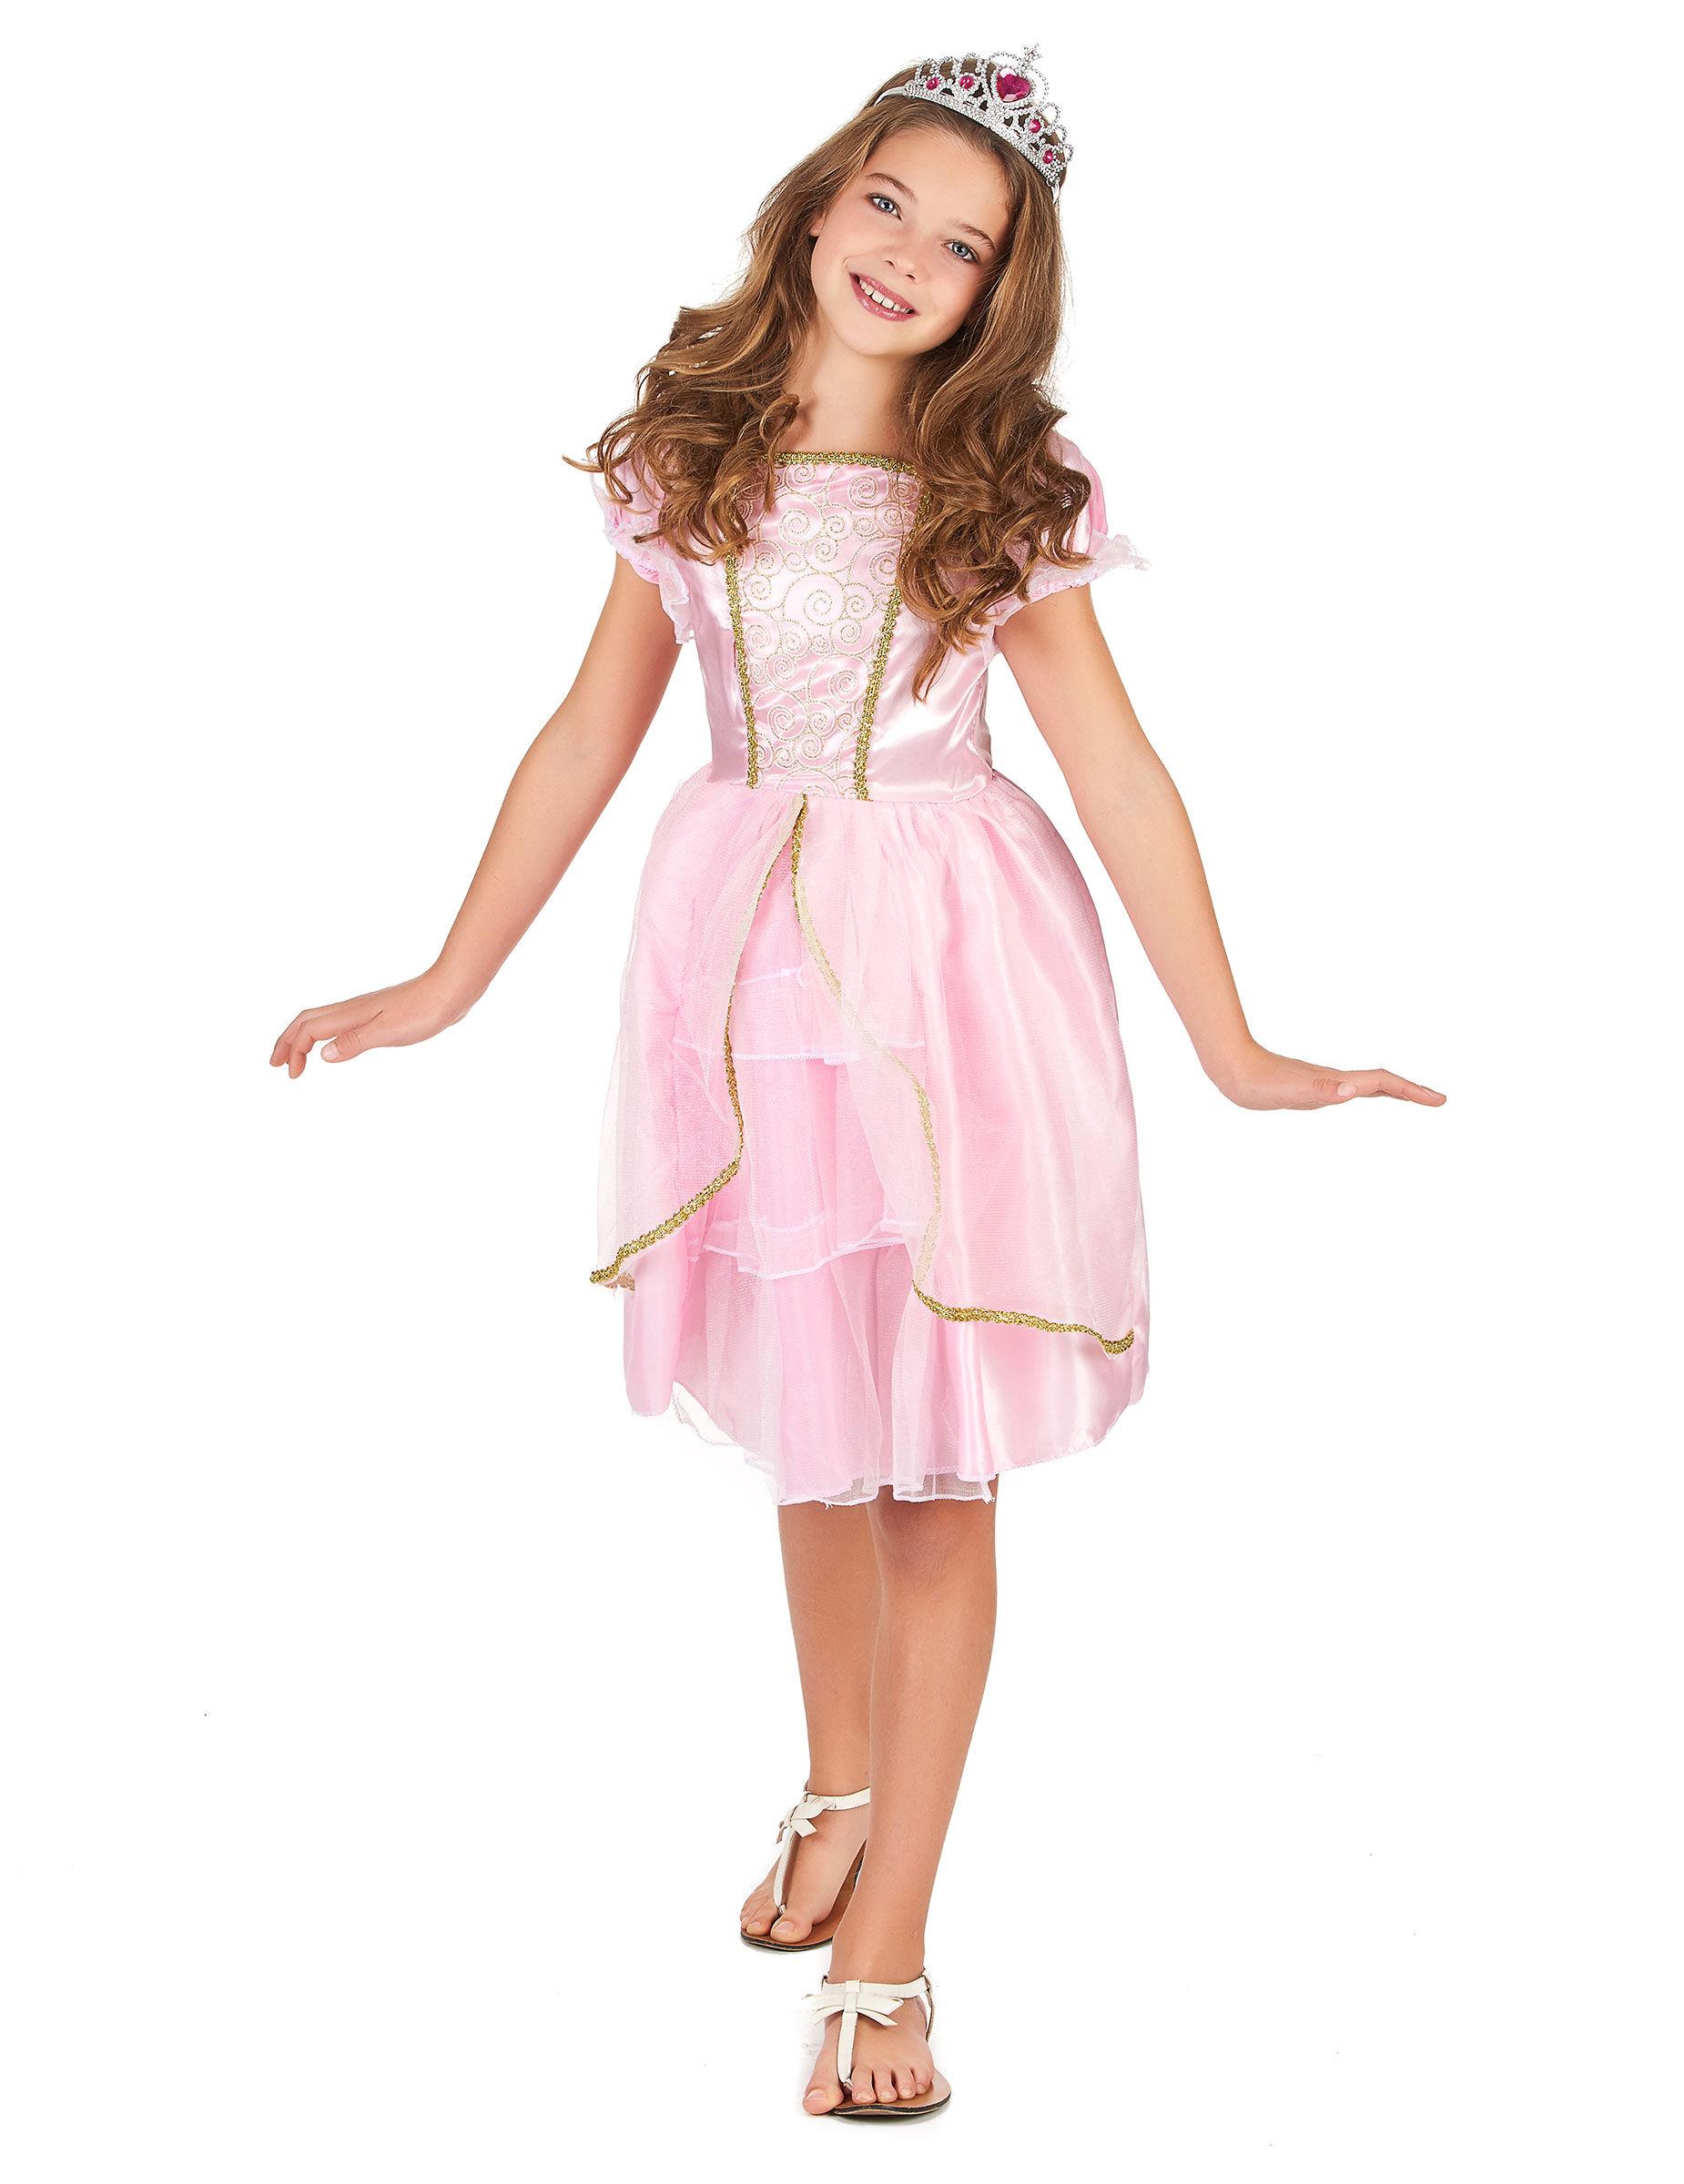 Deguisetoi Déguisement princesse rose à paillettes fille - Taille: M 7-9 ans (120-130 cm)